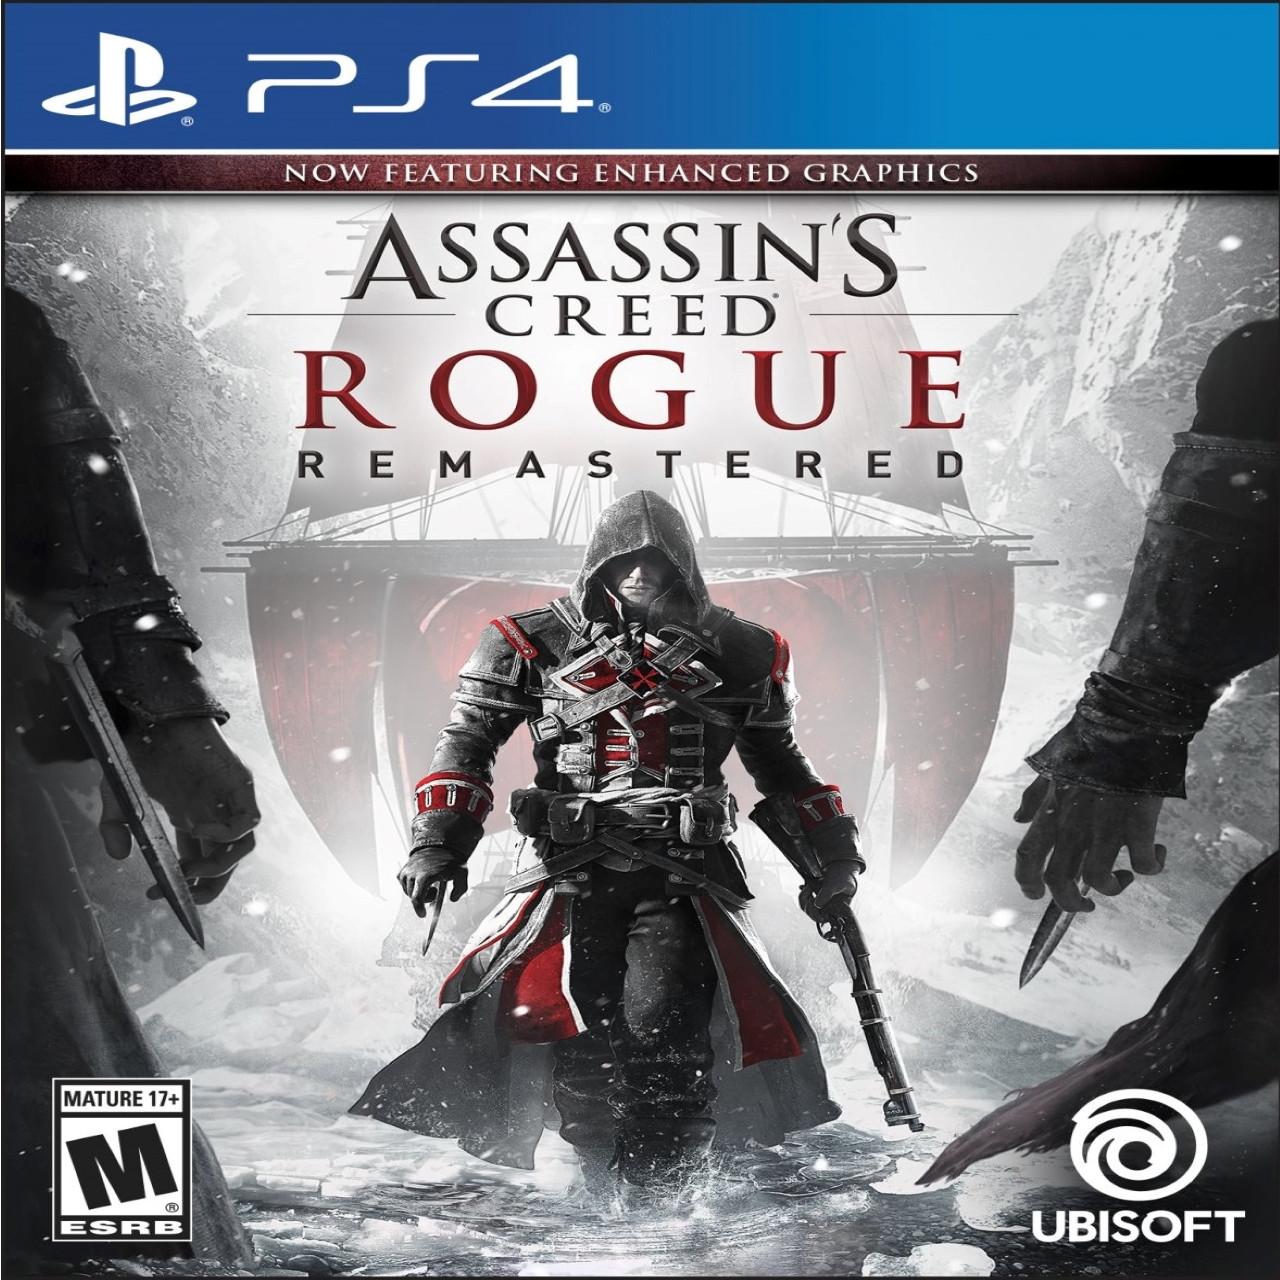 Assassin's Creed: Rogue RUS PS4